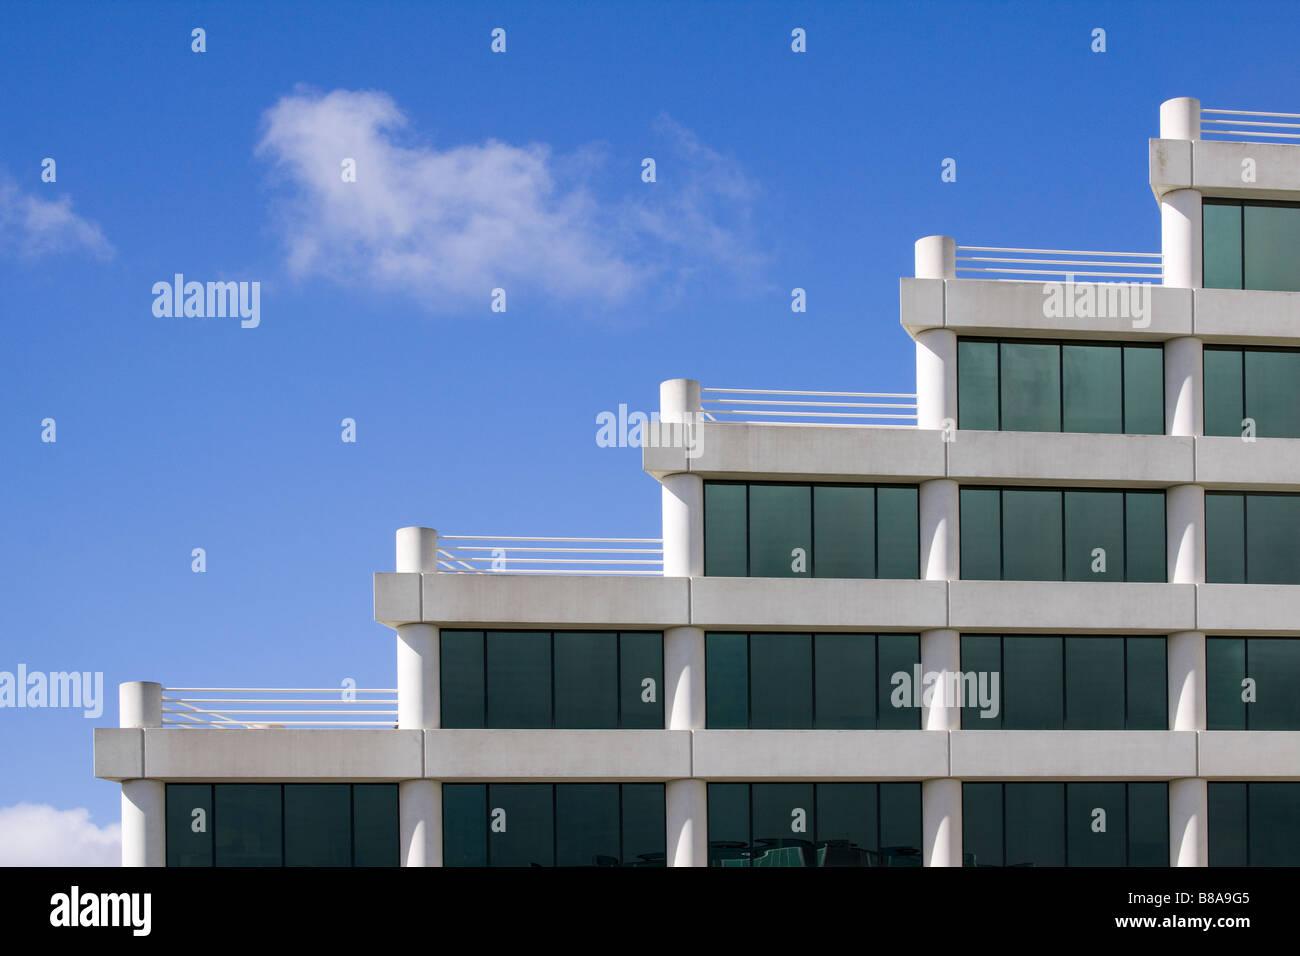 Dettagli architettonici di ufficio moderno edificio con terrazze sul tetto in un modello di stairstep Silicon Valley Immagini Stock